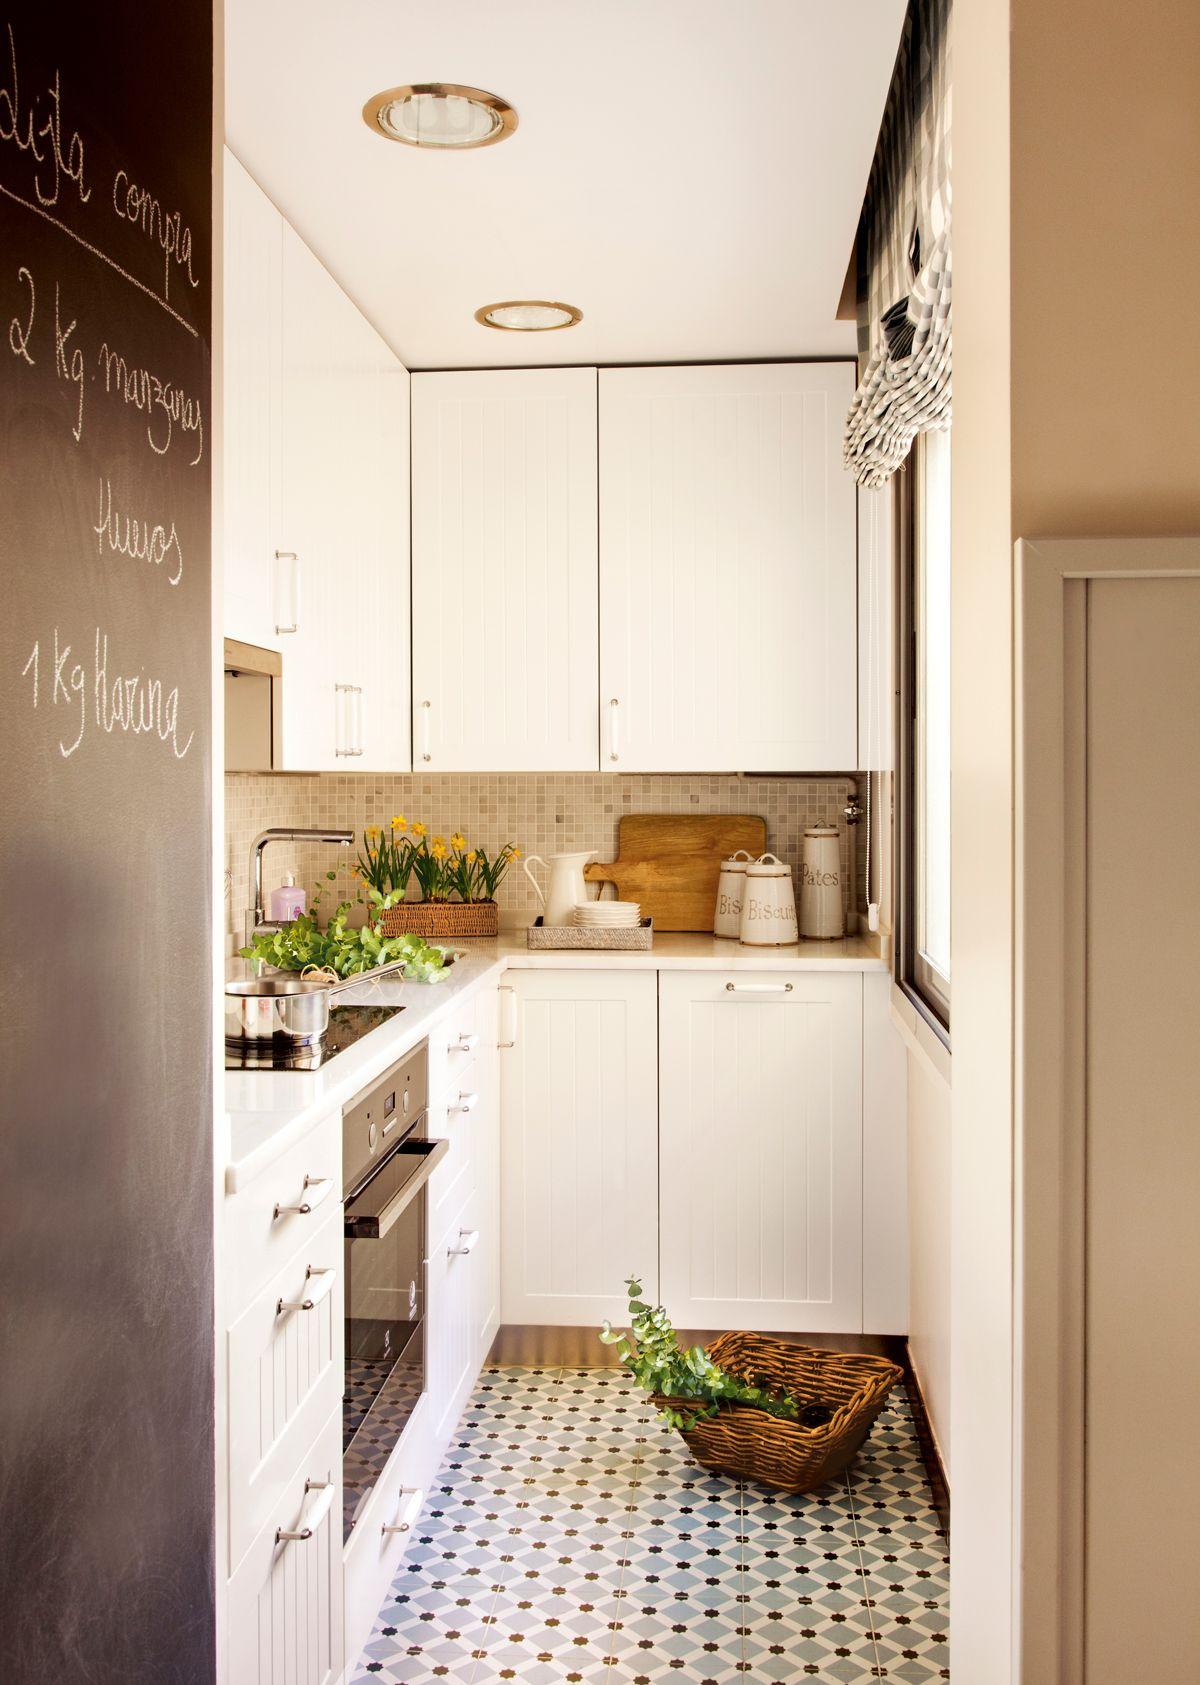 10 ideas geniales para cocinas reales cocina peque a - Cocinas con mosaico ...